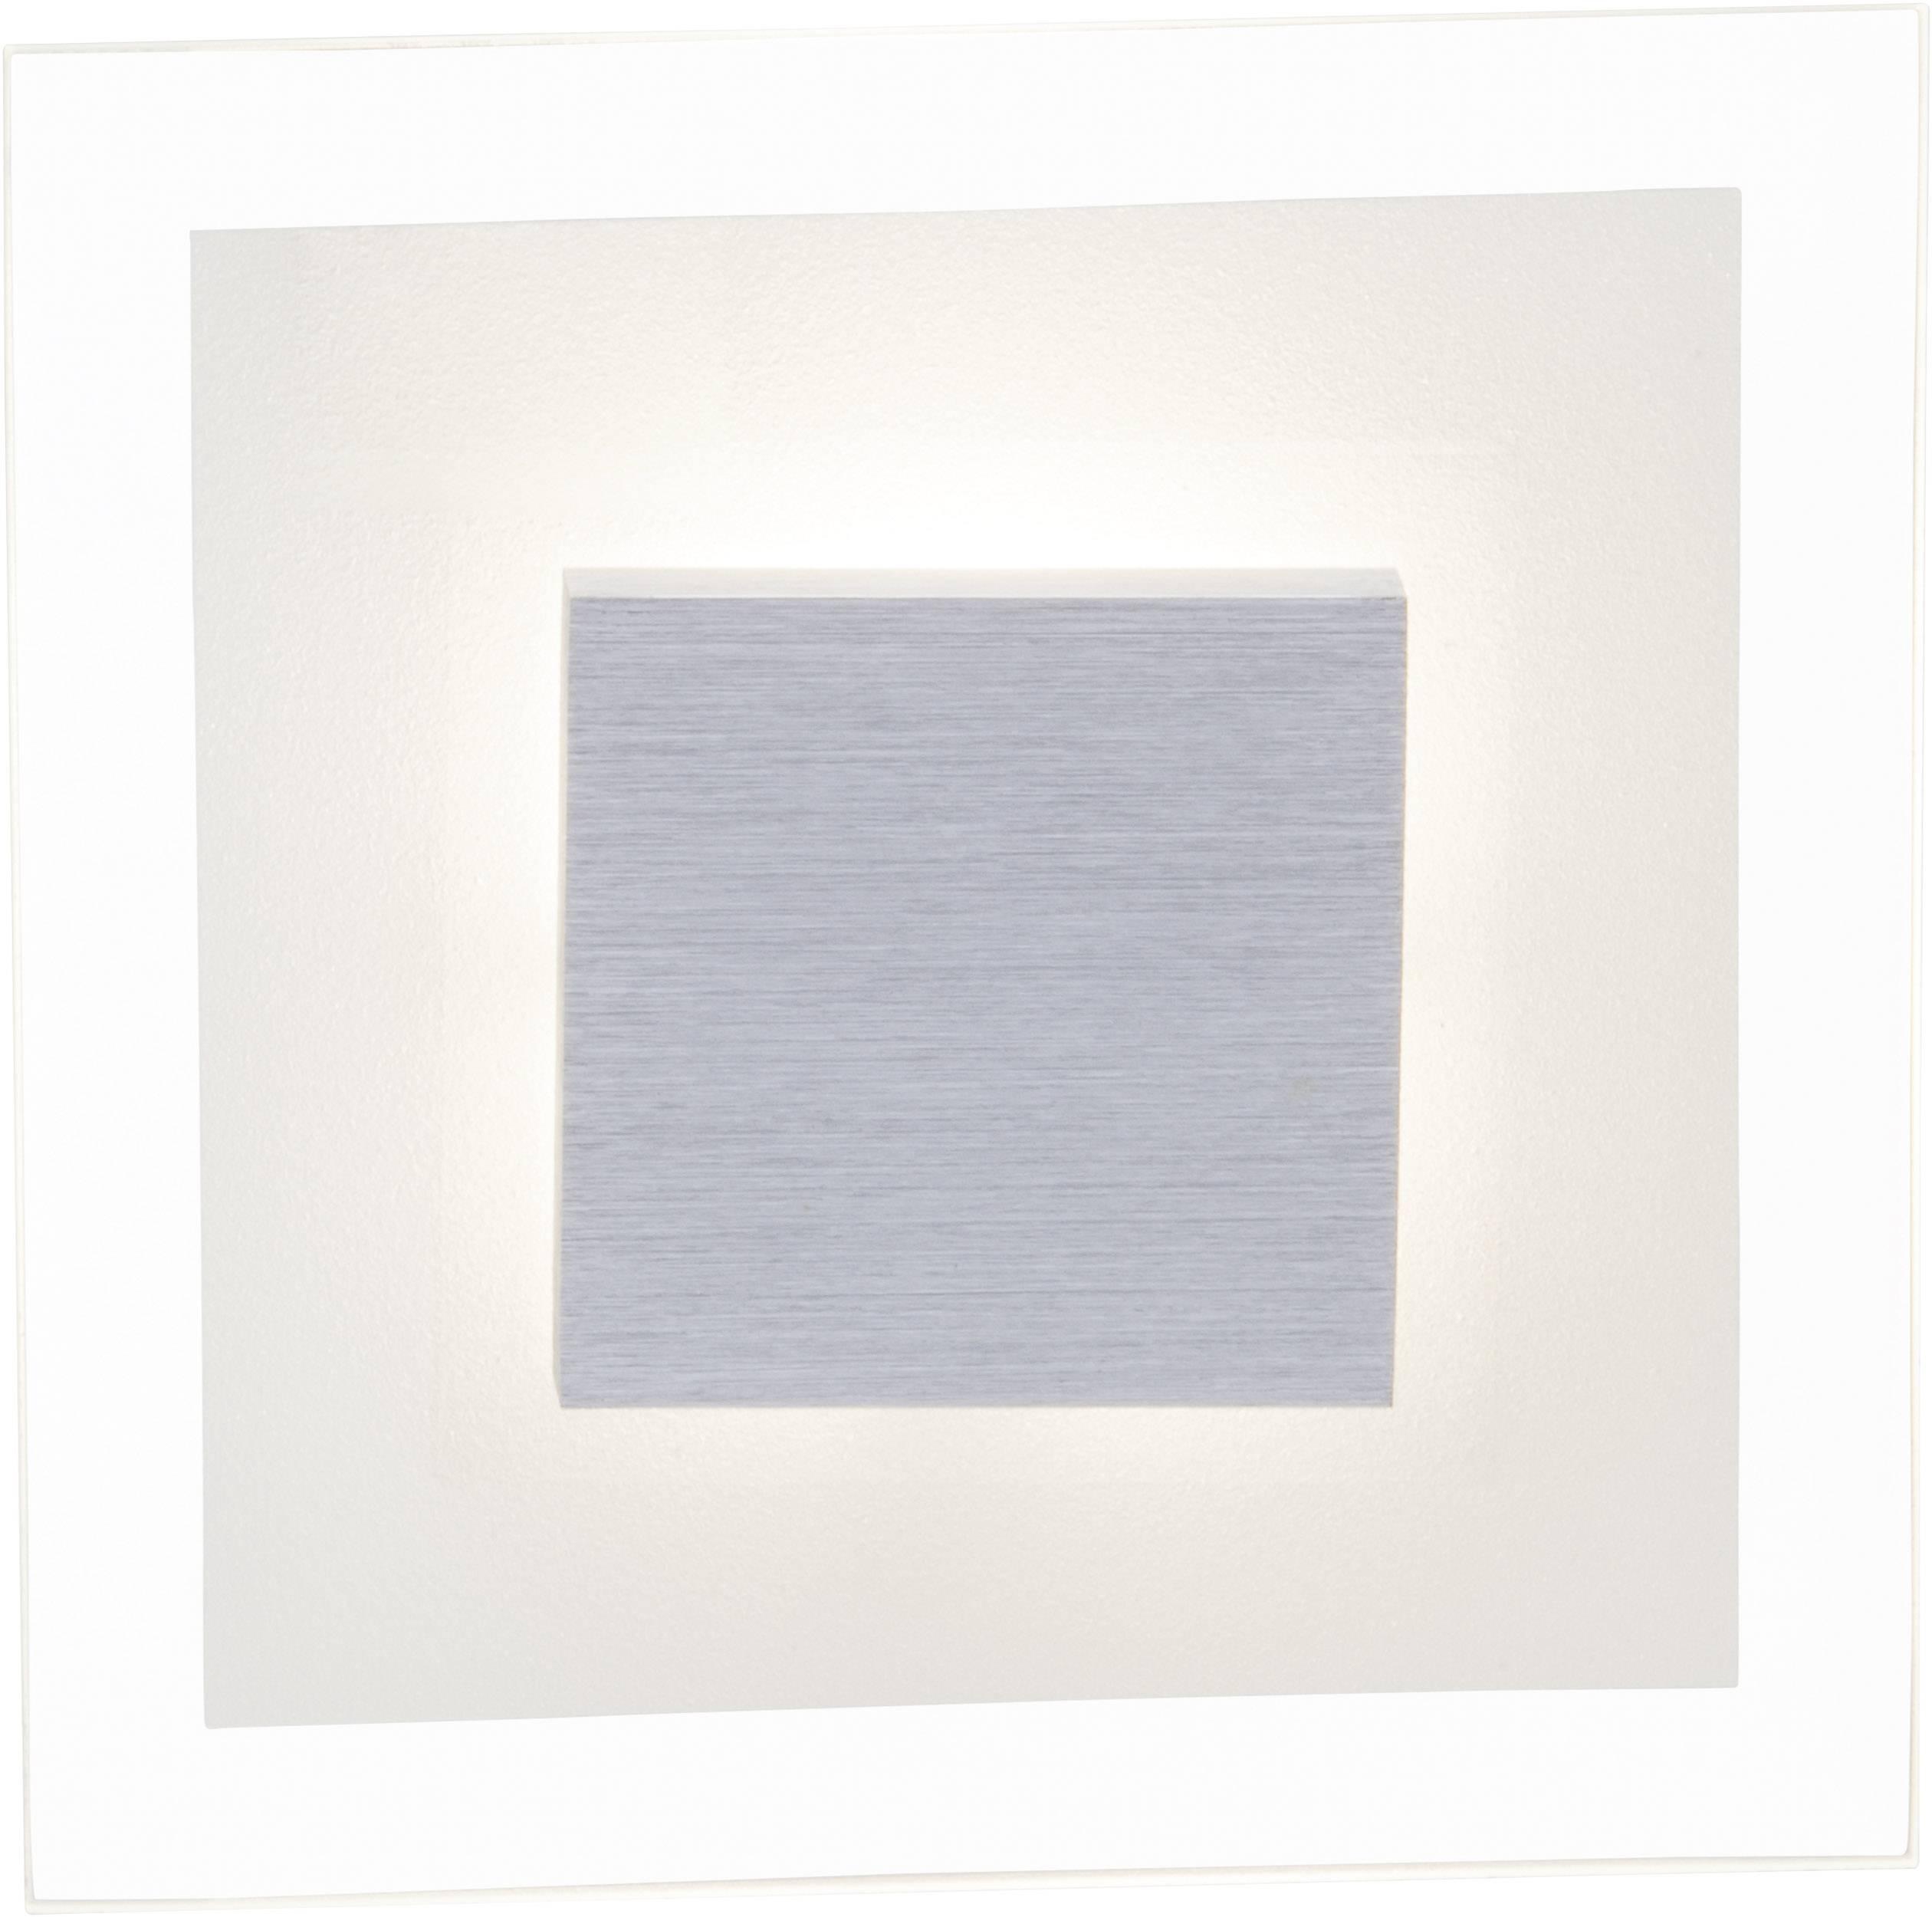 LED nástěnné světlo Brilliant Budimpešta G94248/70, 5 W, teplá bílá, chrom, transparentní